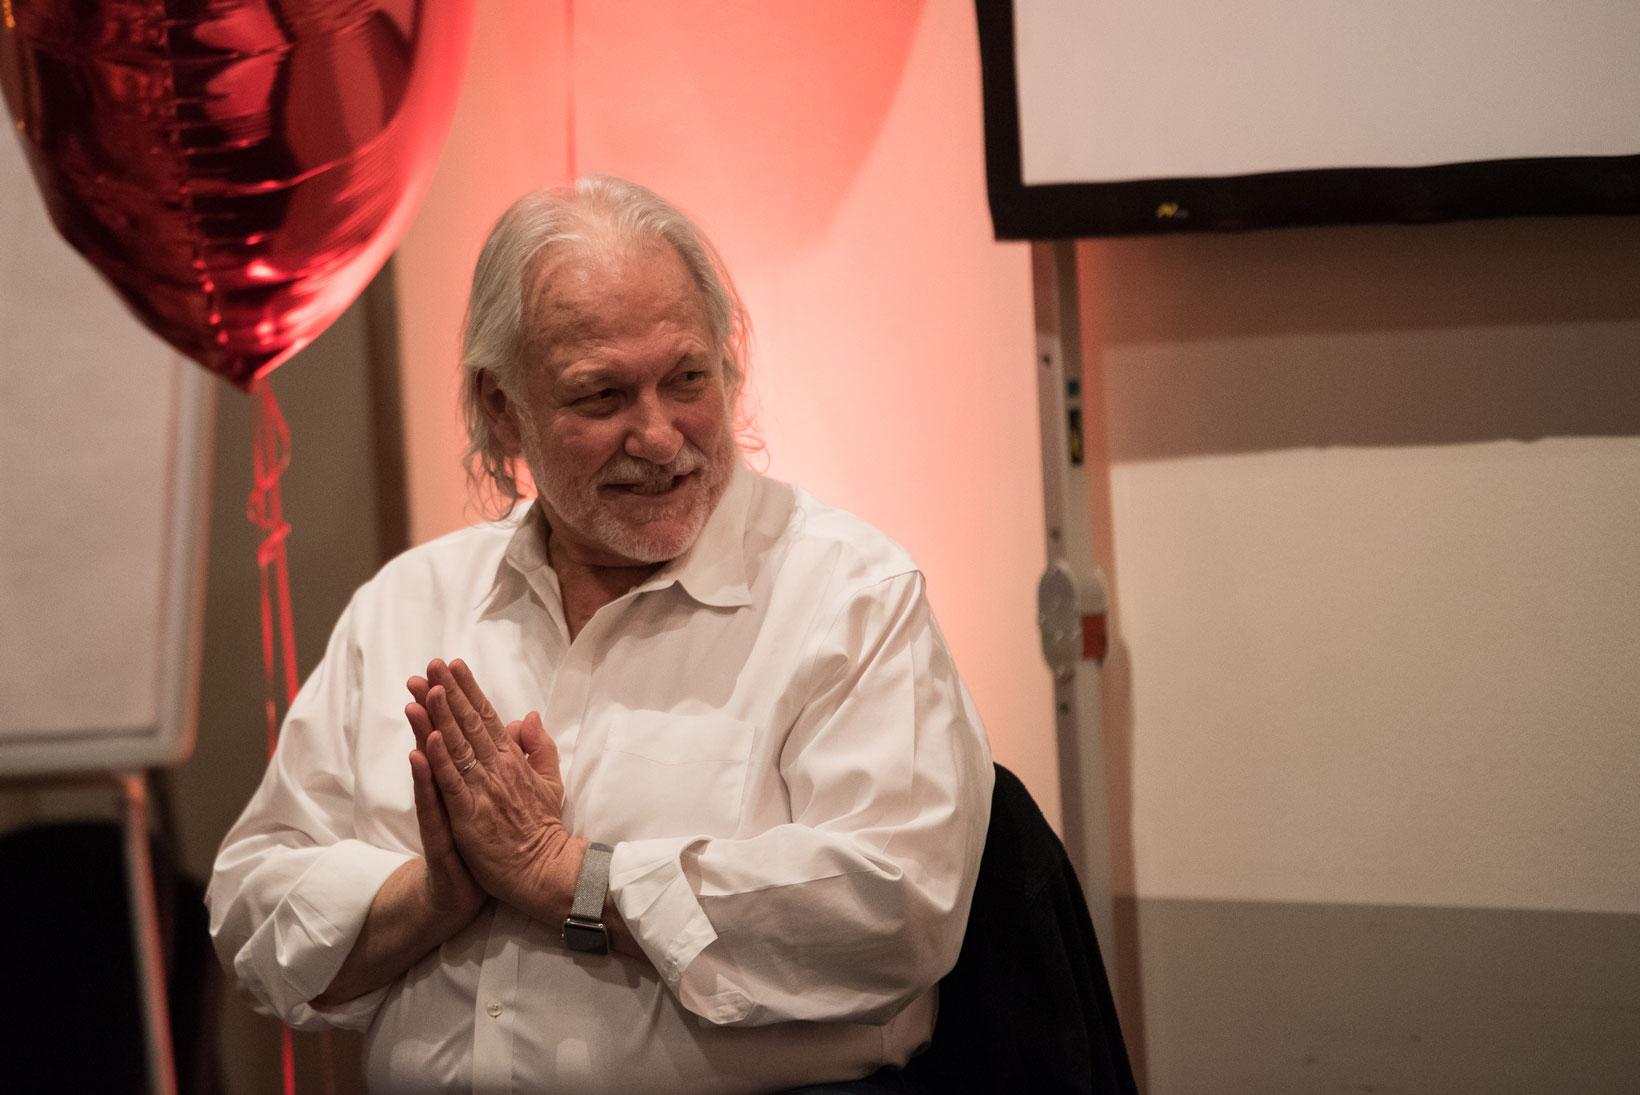 Alan Finger är en av världens mest kända mästare inom yoga och meditation.